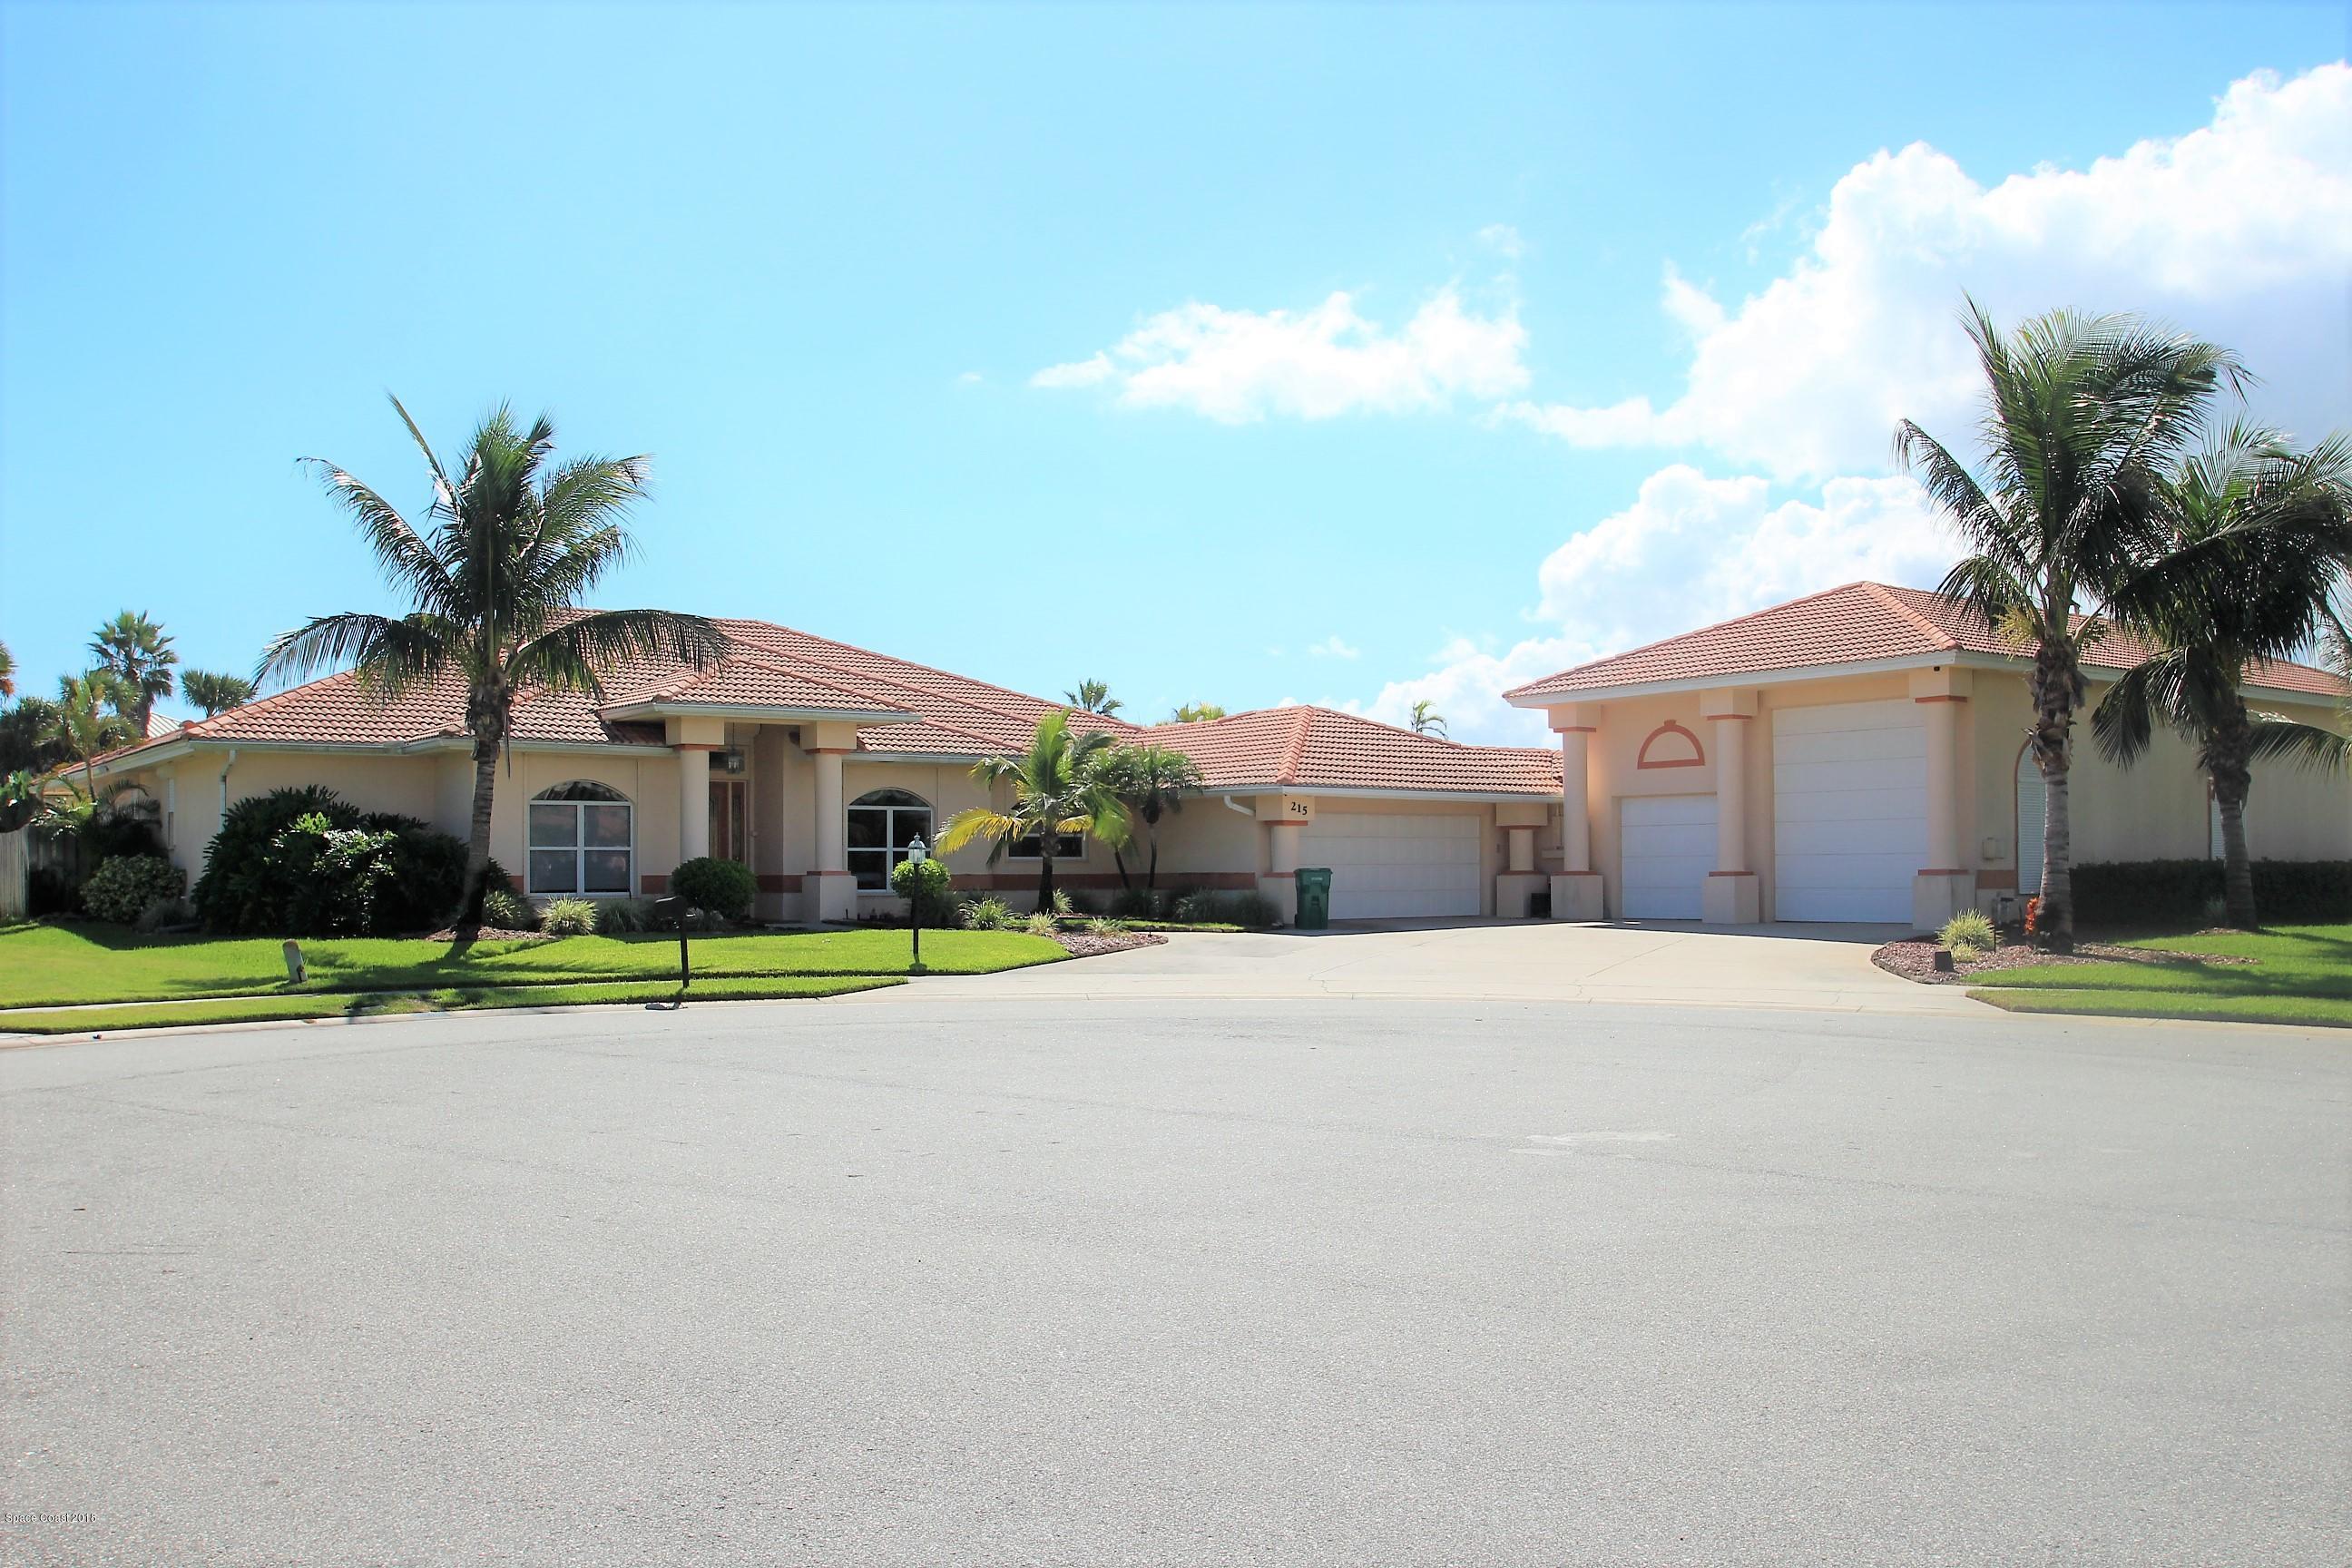 Single Family Home for Sale at 215 Loggerhead 215 Loggerhead Melbourne Beach, Florida 32951 United States